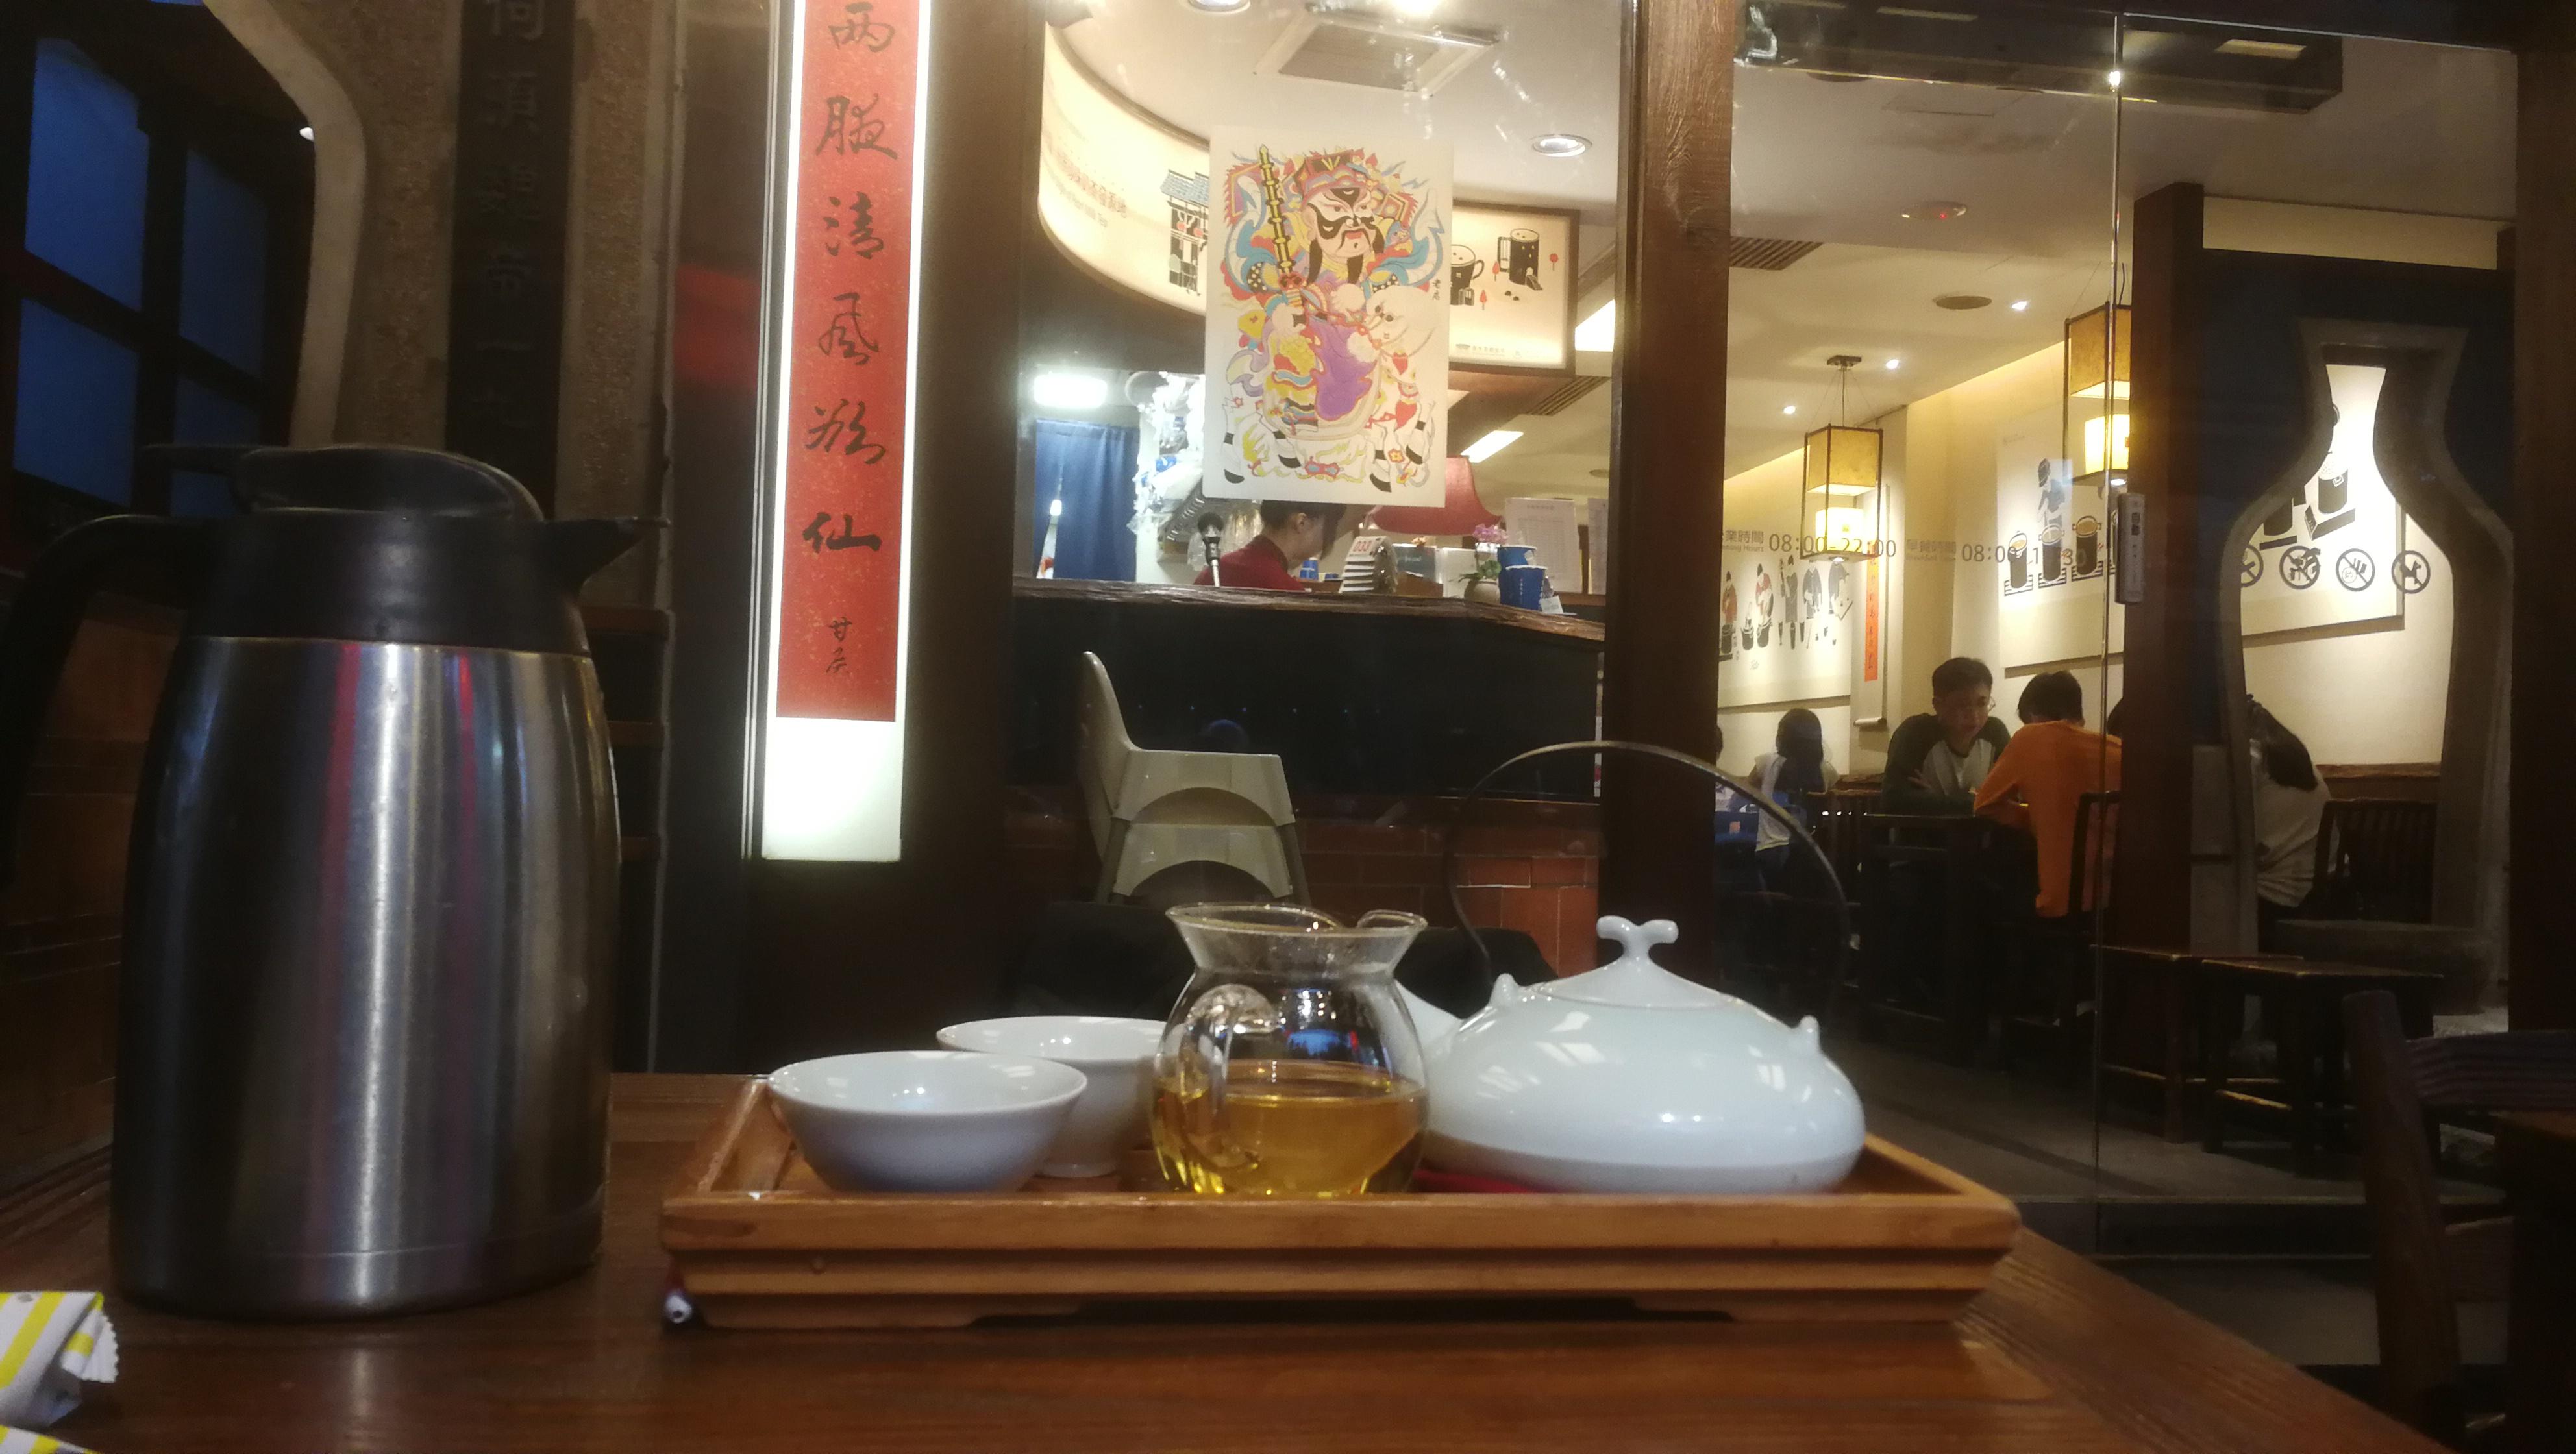 2020年1月22日黄昏,淡季时才不用提前订位的春水堂人文茶馆,茶品一般,顾客盈门。